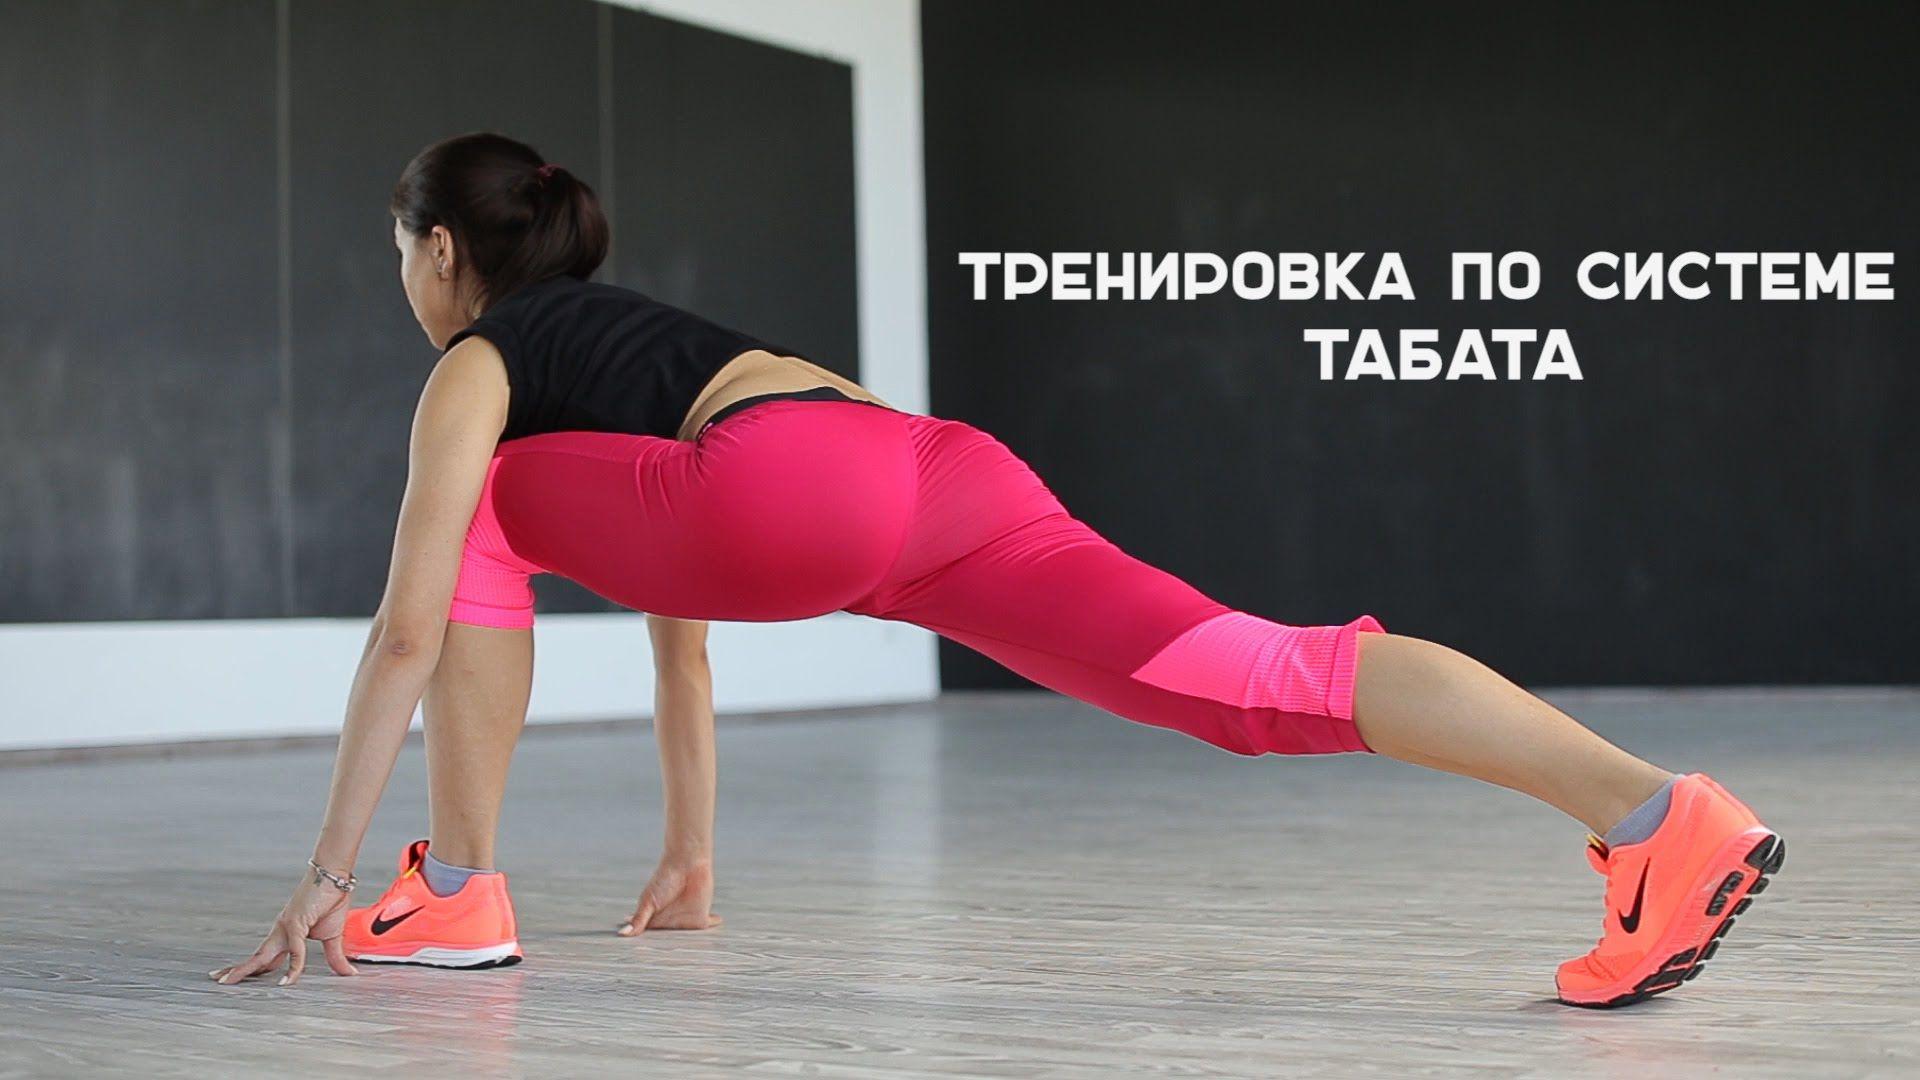 Спорт Для Похудения Начинающим. Упражнения для быстрого похудения в домашних условиях